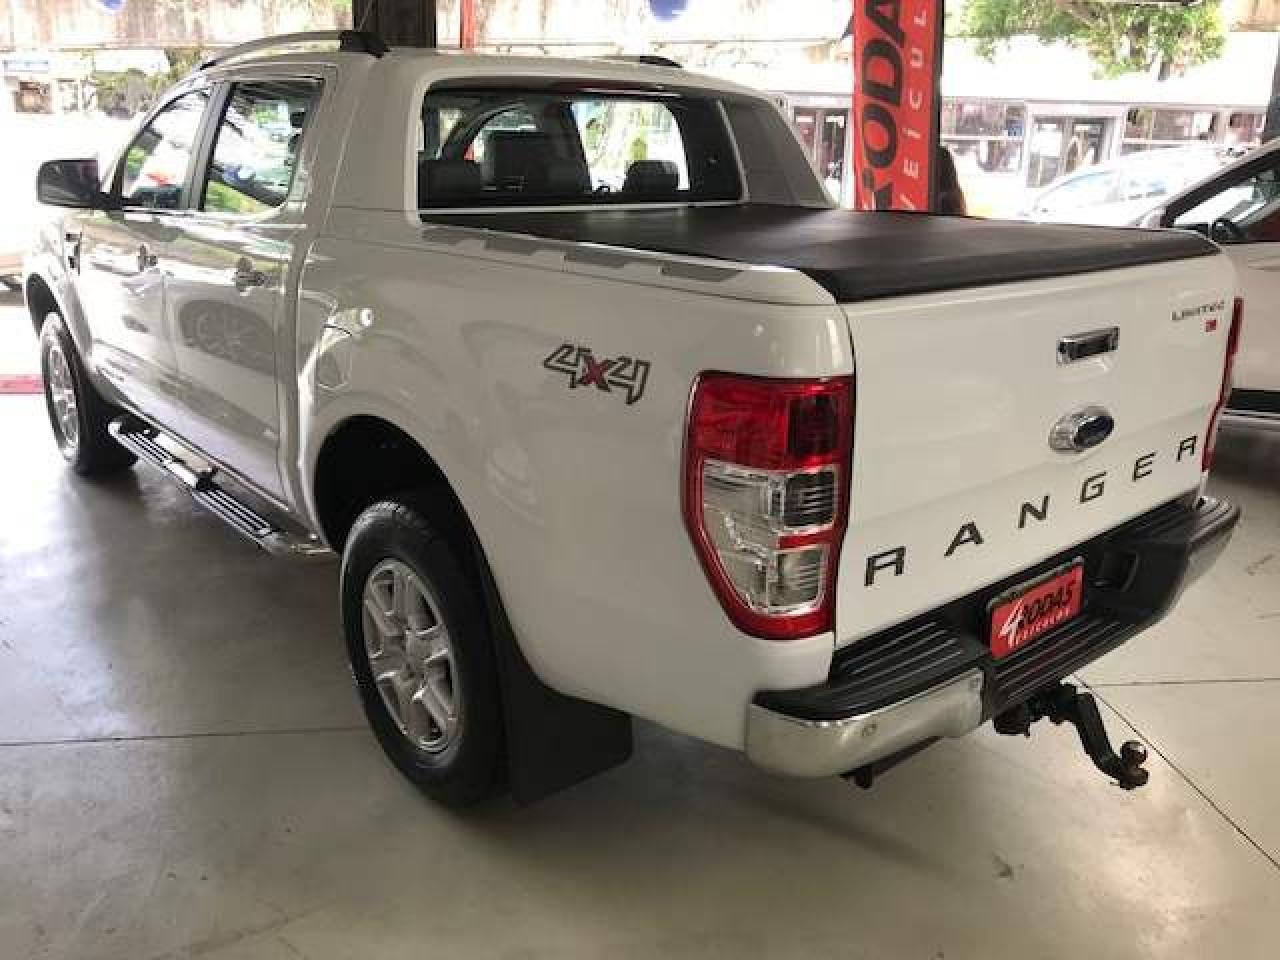 Ranger 3.2 L CABINE DUPLA 4X4 LIMITED PLUS AUTOMÁTICO